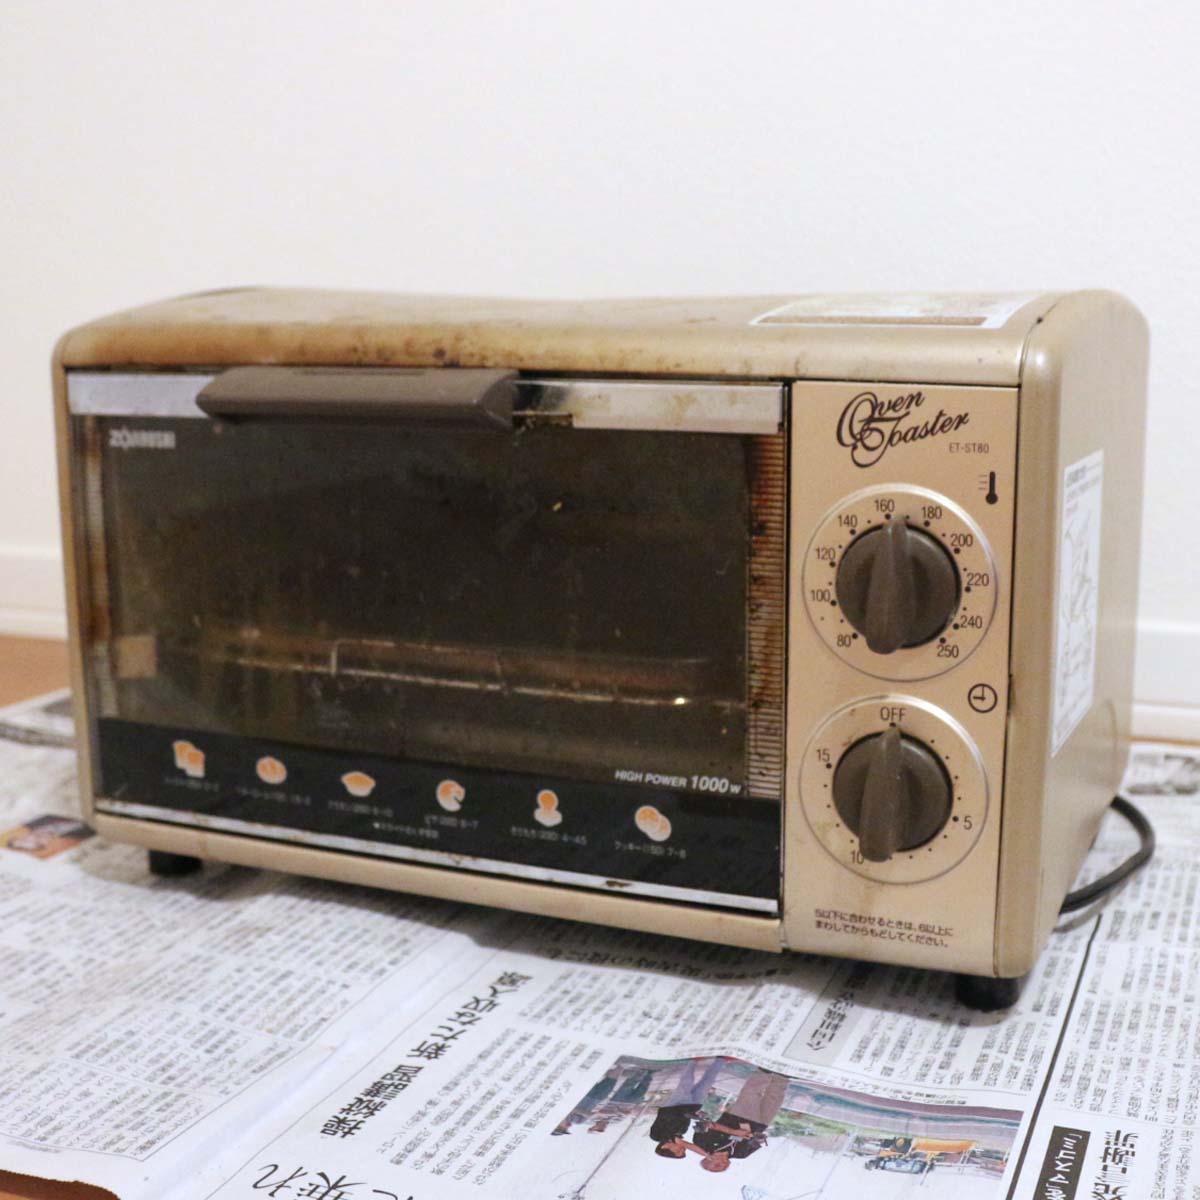 汚れすぎたオーブントースターを掃除! 今回は惨敗です。